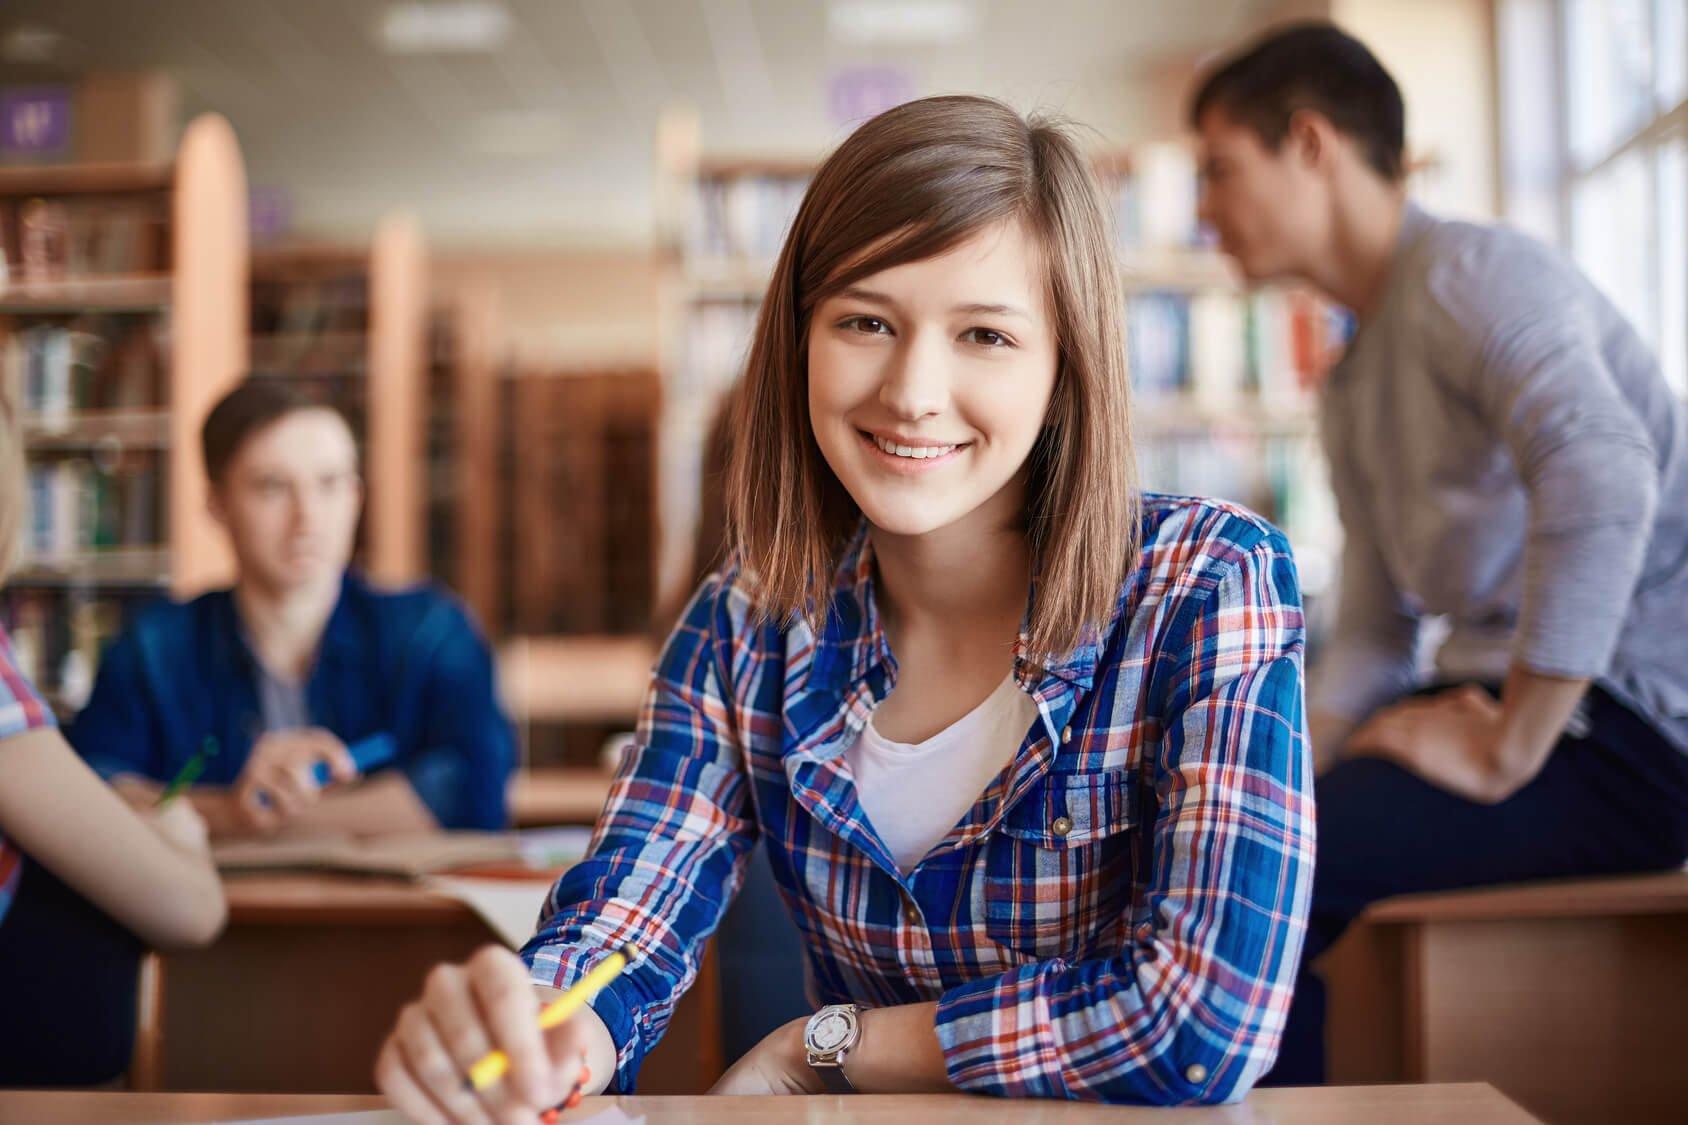 Teen dating versus studying